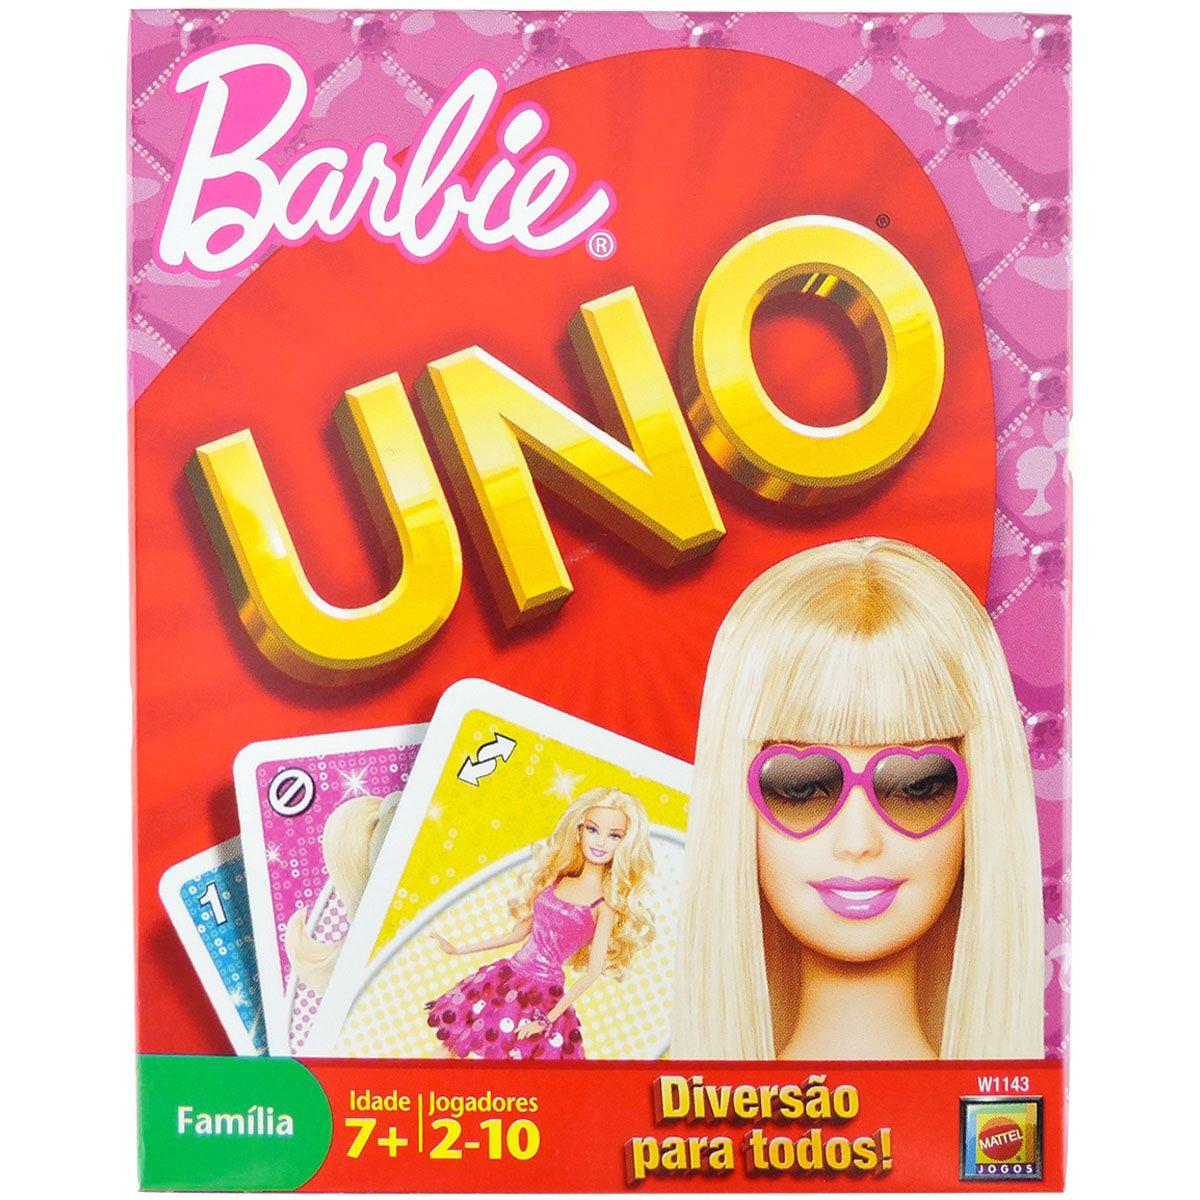 Coleção com 2 Jogos Uno Barbie e Polly Mattel